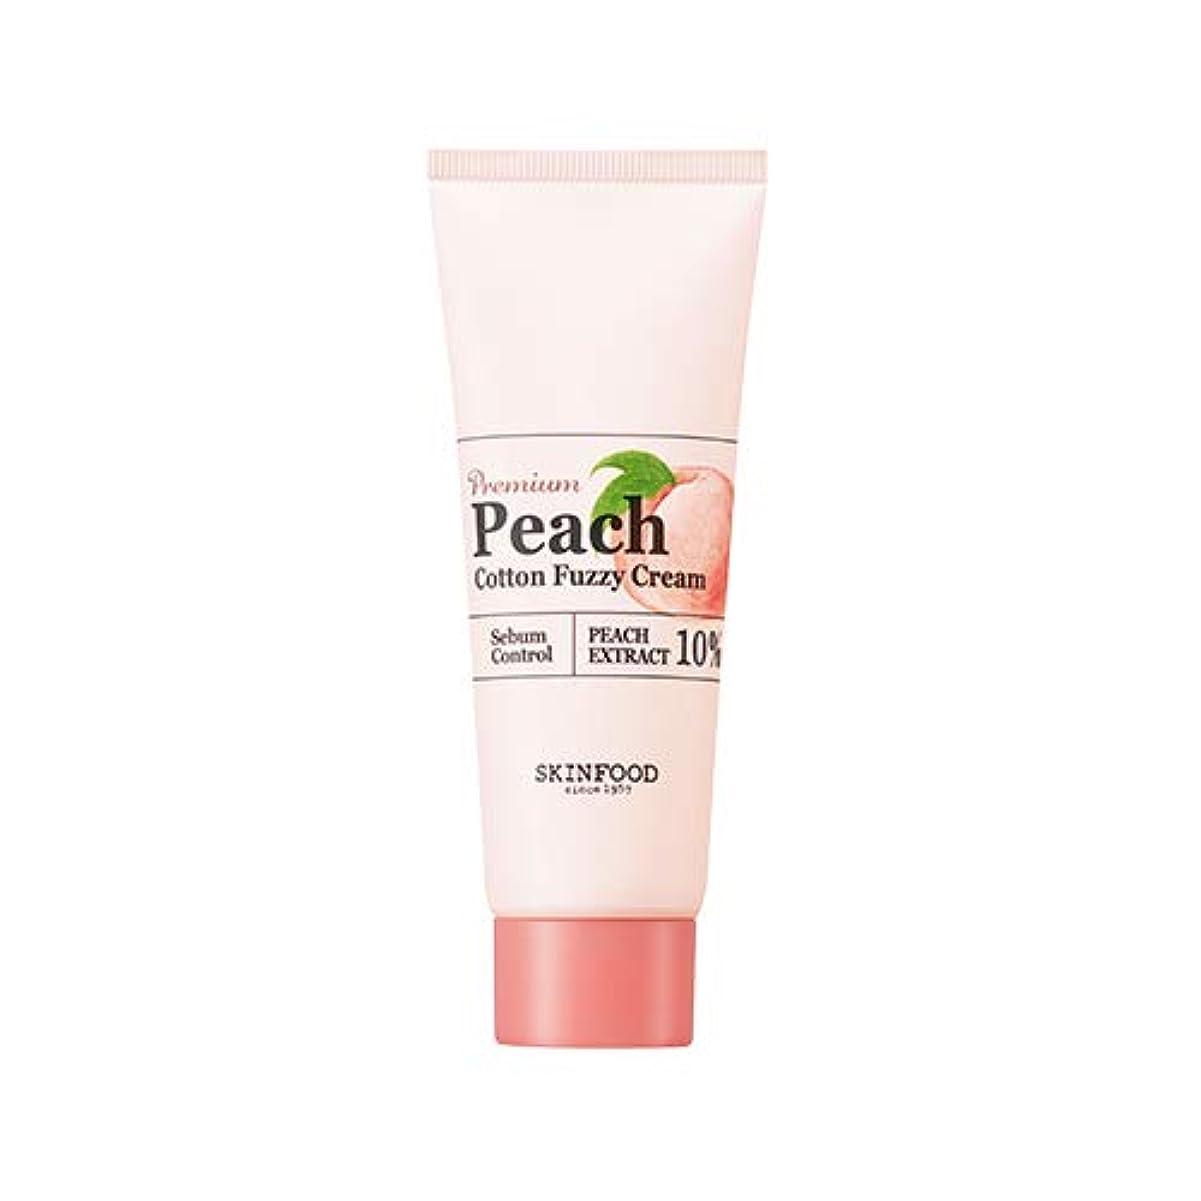 アーティファクト温室背が高いSkinfood プレミアムピーチコットンファジークリーム/Premium Peach Cotton Fuzzy Cream 65ml [並行輸入品]